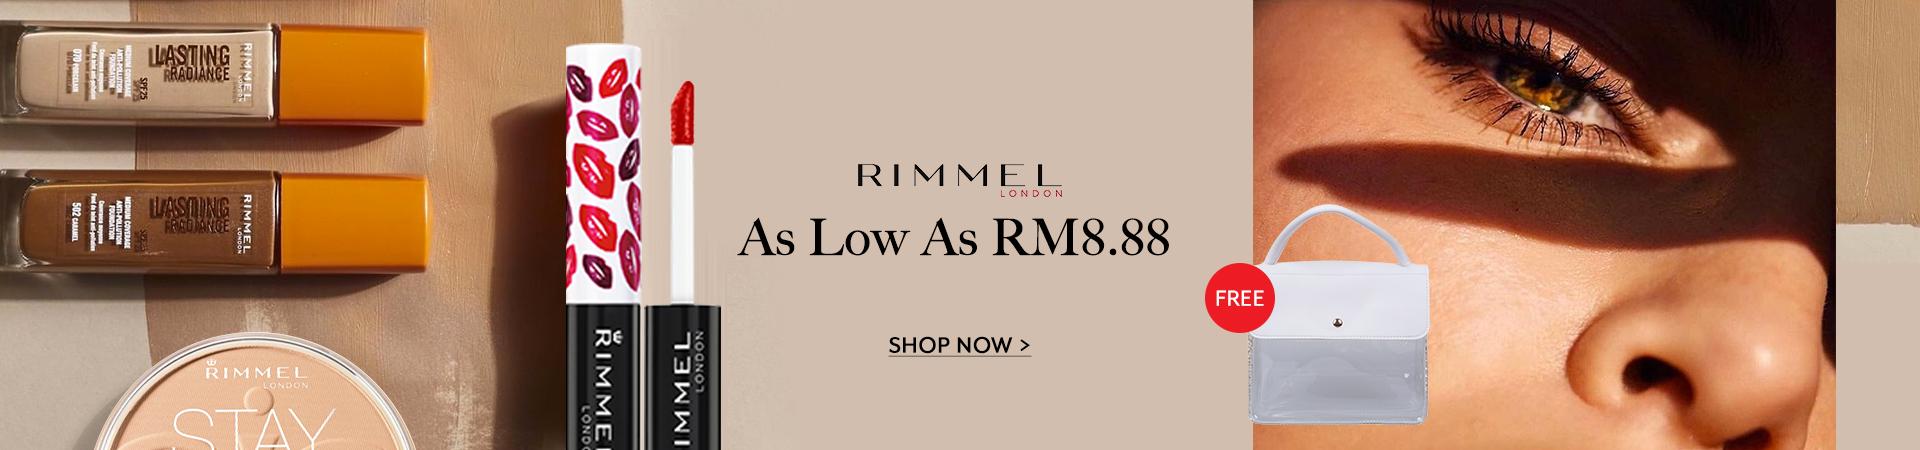 61219 rimmel BF